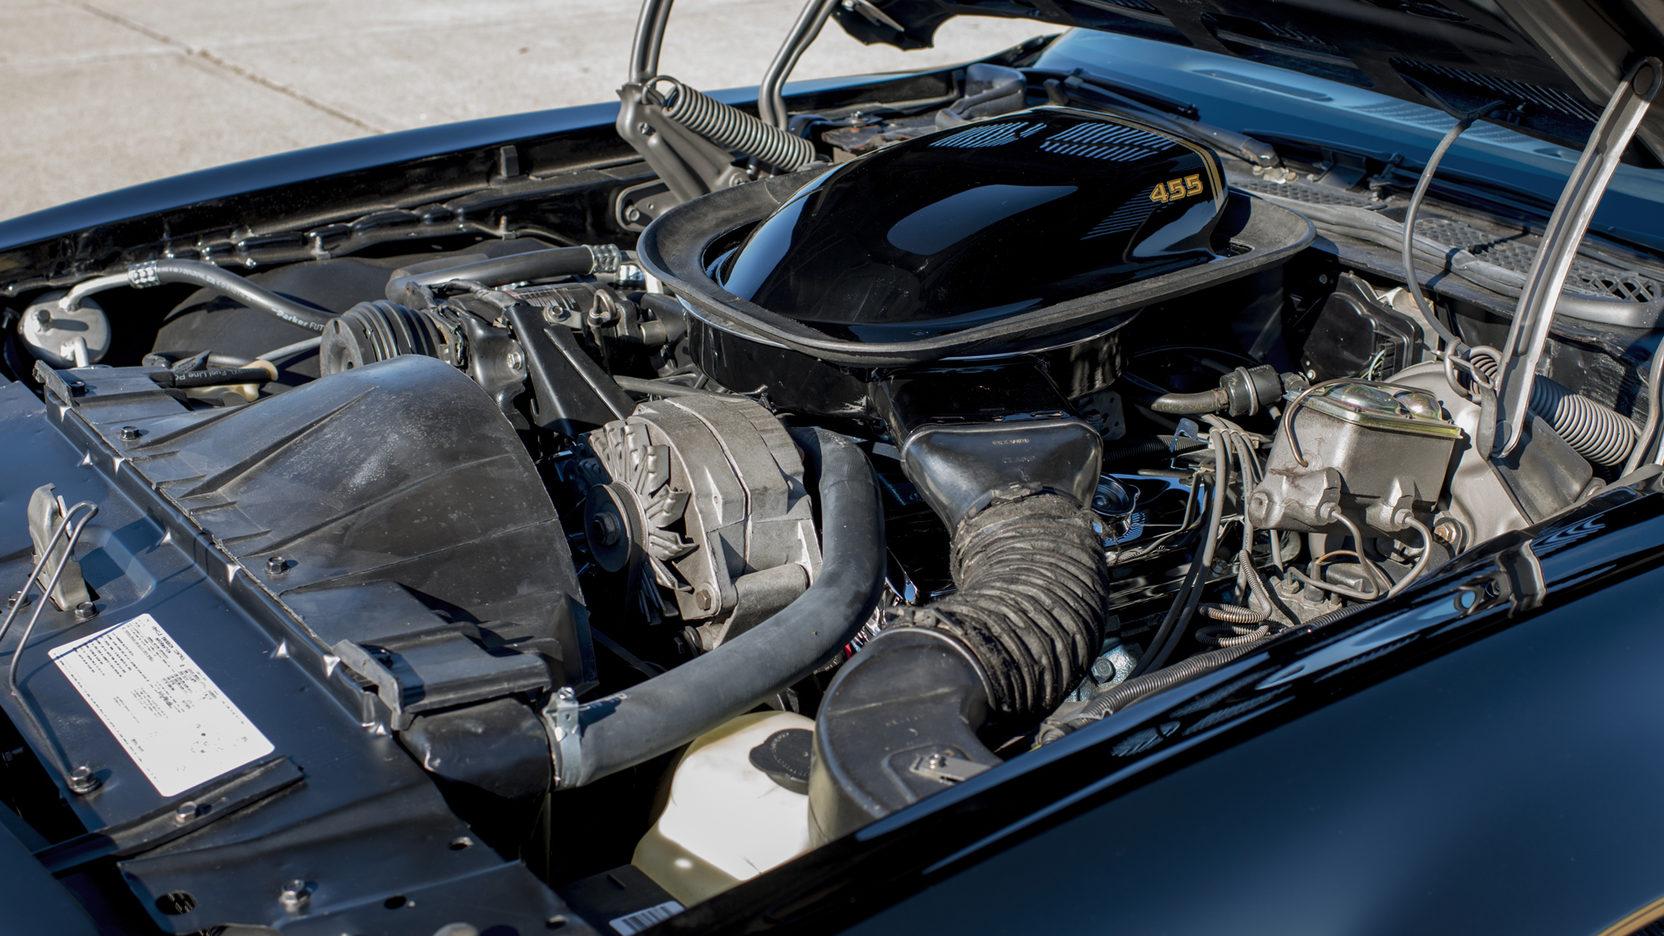 1976 Pontiac Firebird Trans Am 455 engine